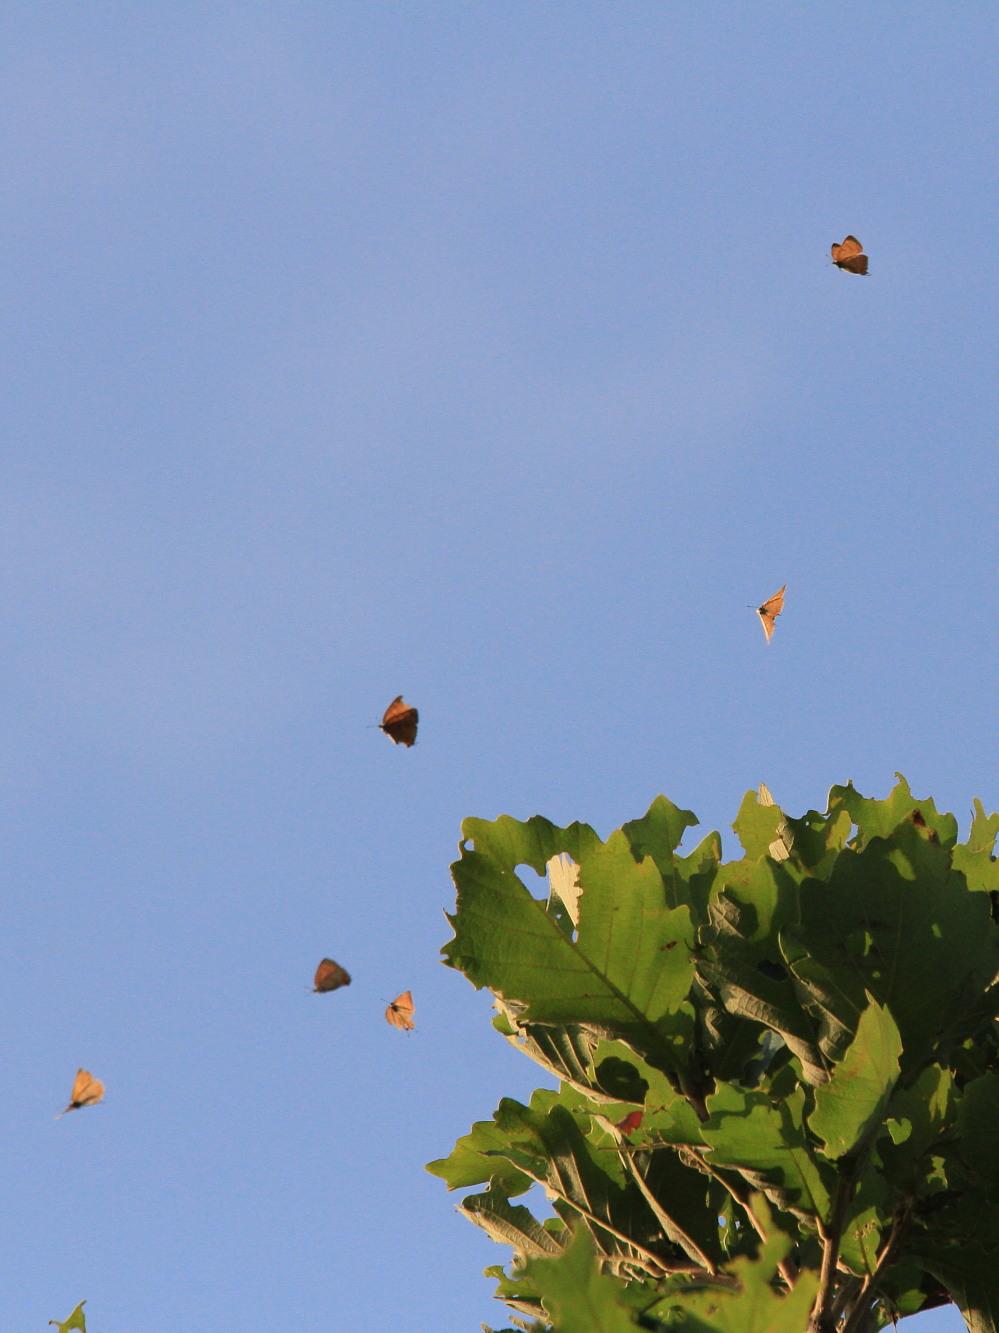 キタアカシジミ  黄昏の群れ飛翔  2013.7.15北海道43-final_a0146869_21203593.jpg